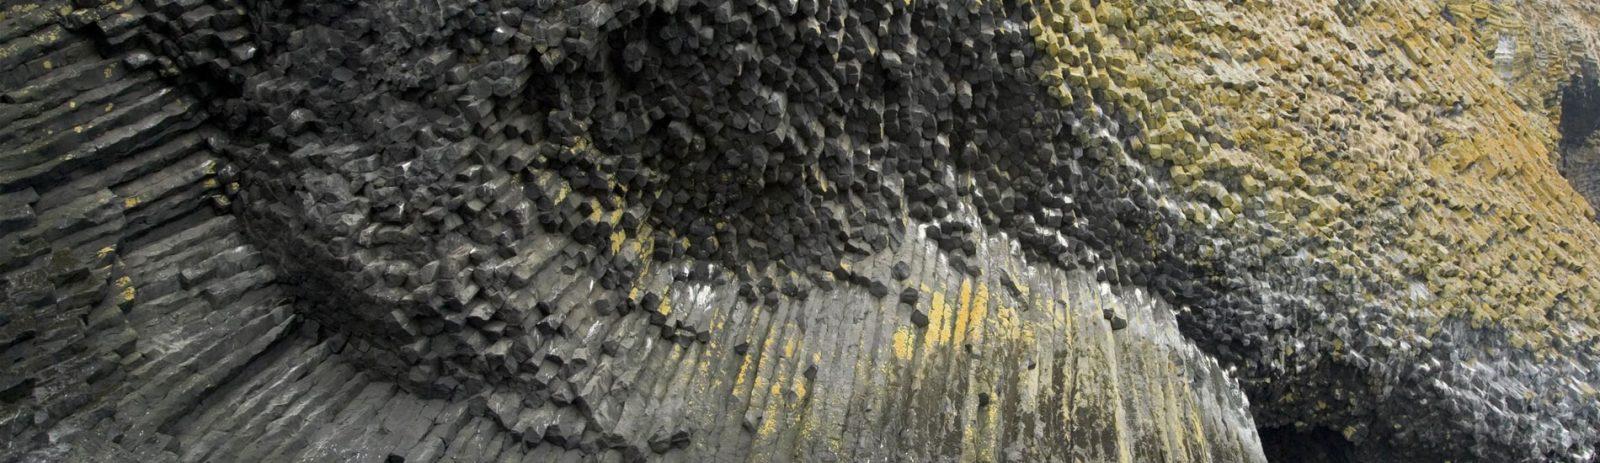 Basalt Roving